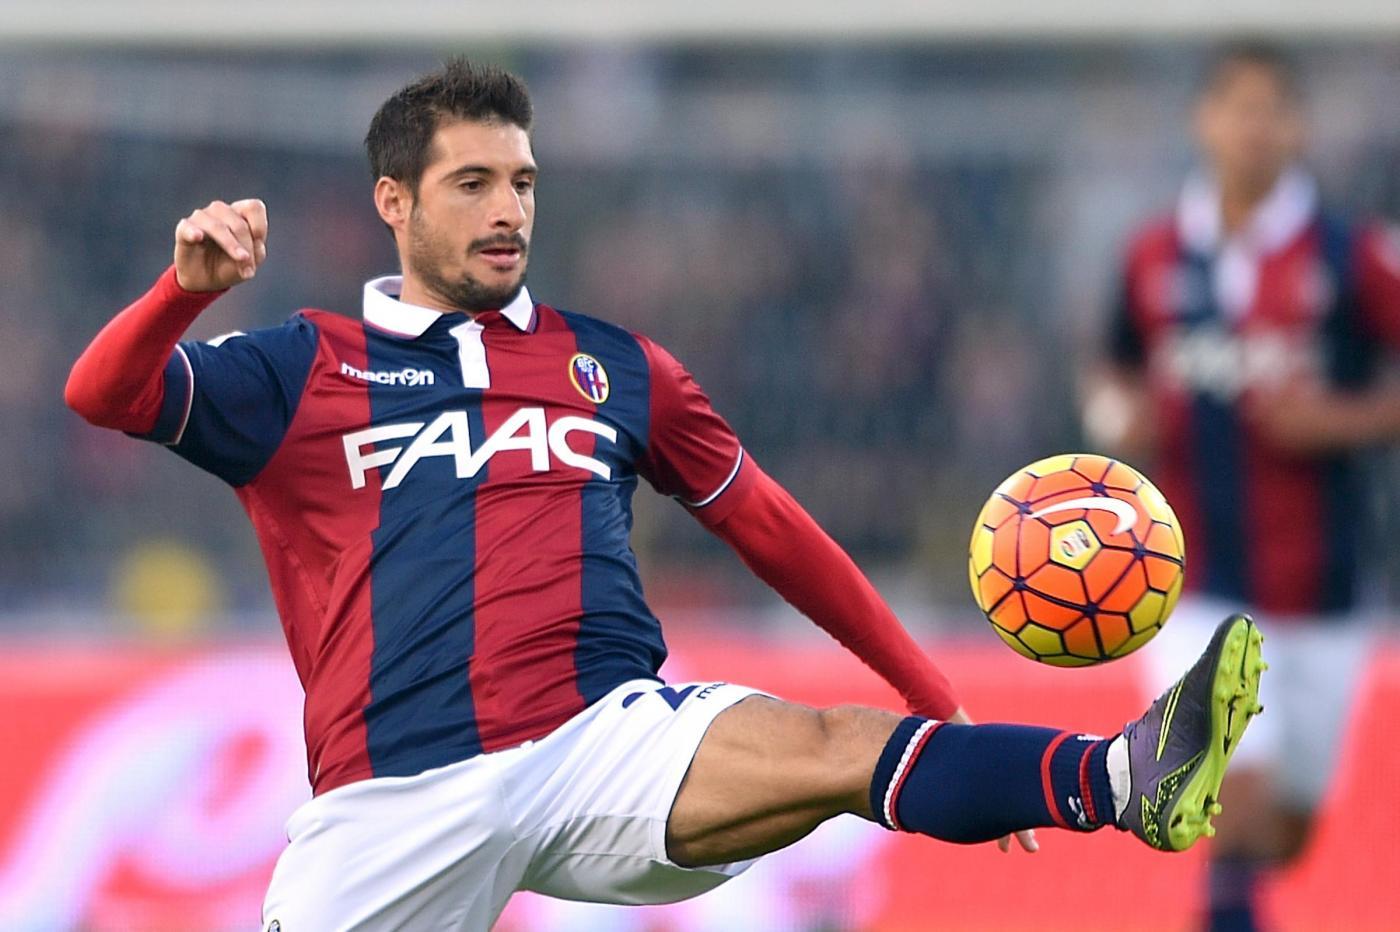 Serie A, la classifica marcatori aggiornata